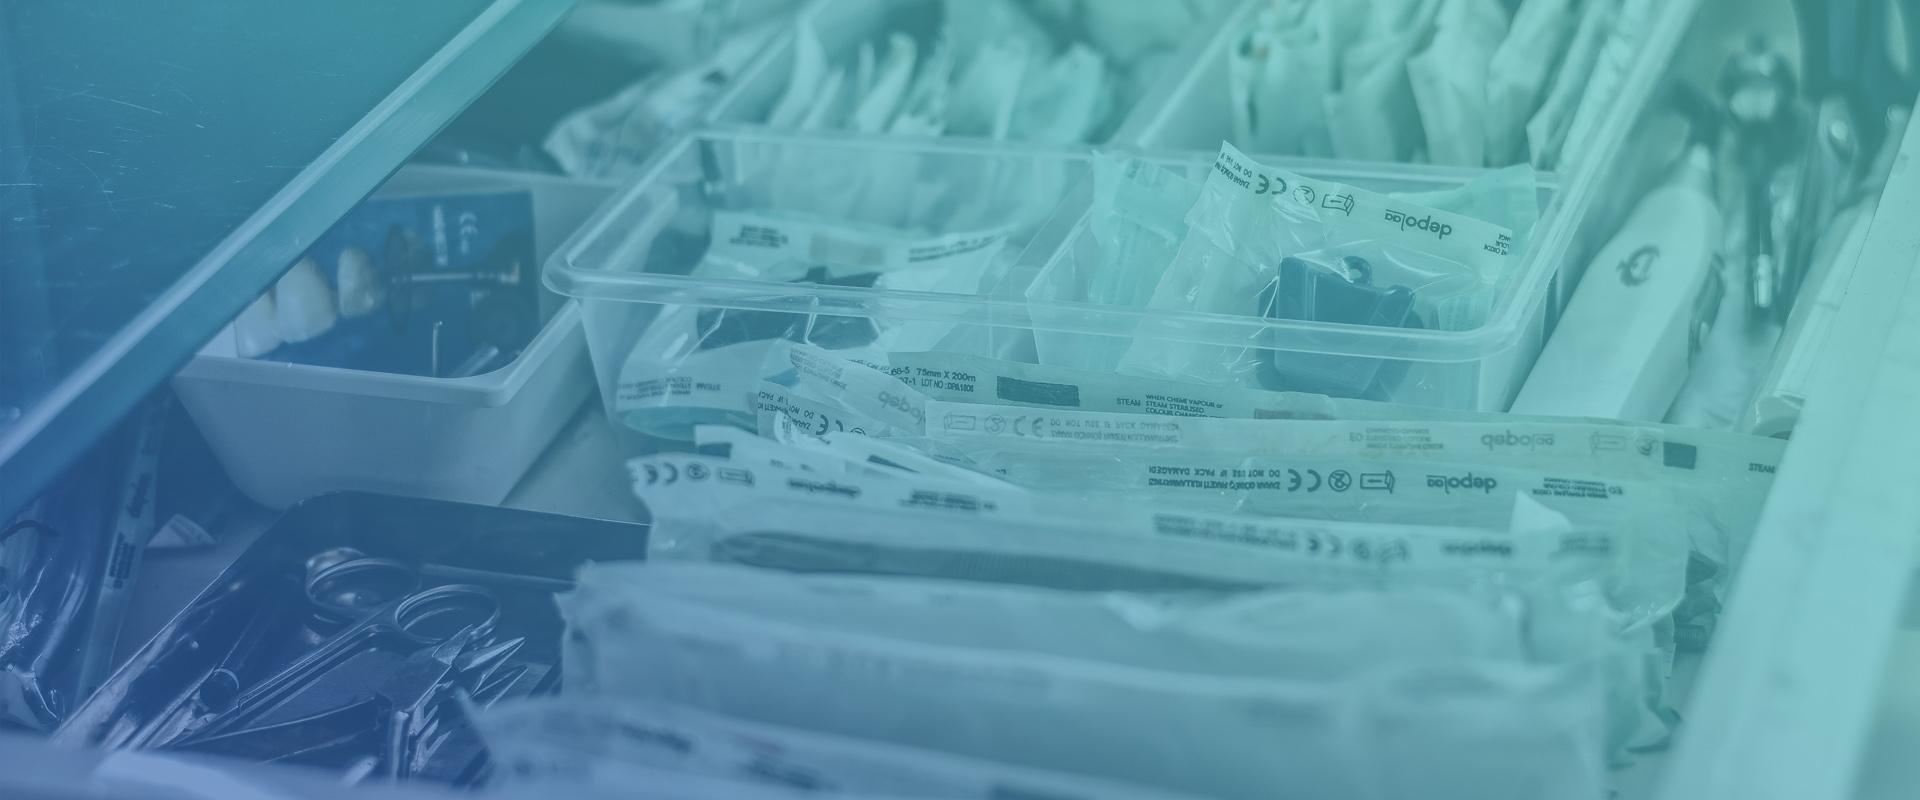 HSG-Washroom-Services-—-Medical-Clinical-Waste-disposal.jpg#asset:2422